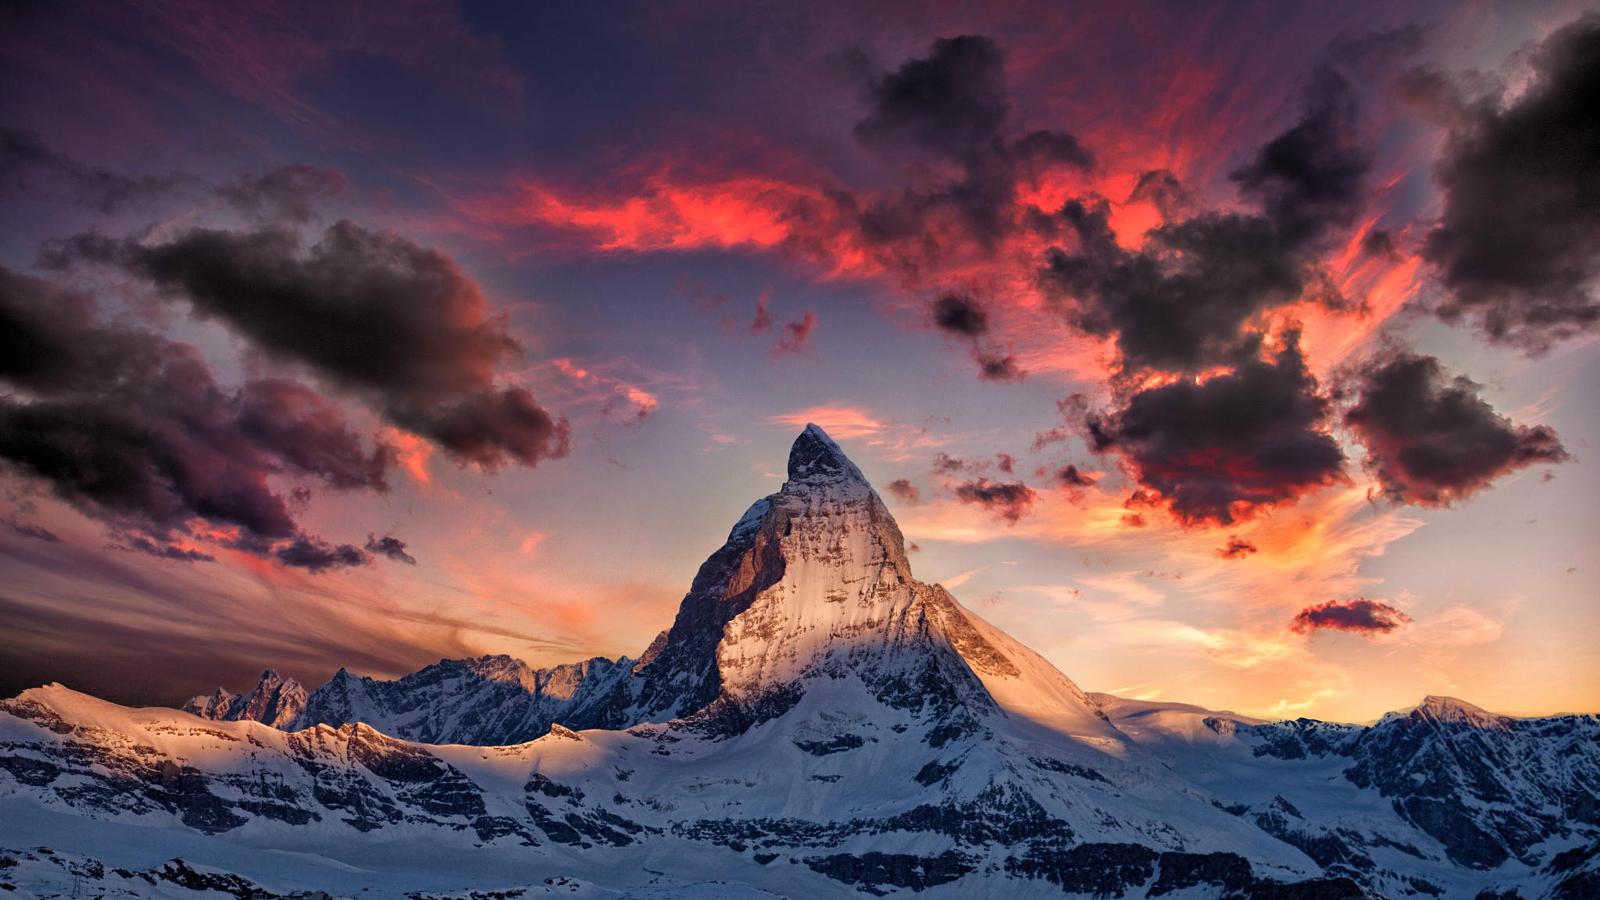 Самое интересное : Коты, которые захватили собачьи лежаки